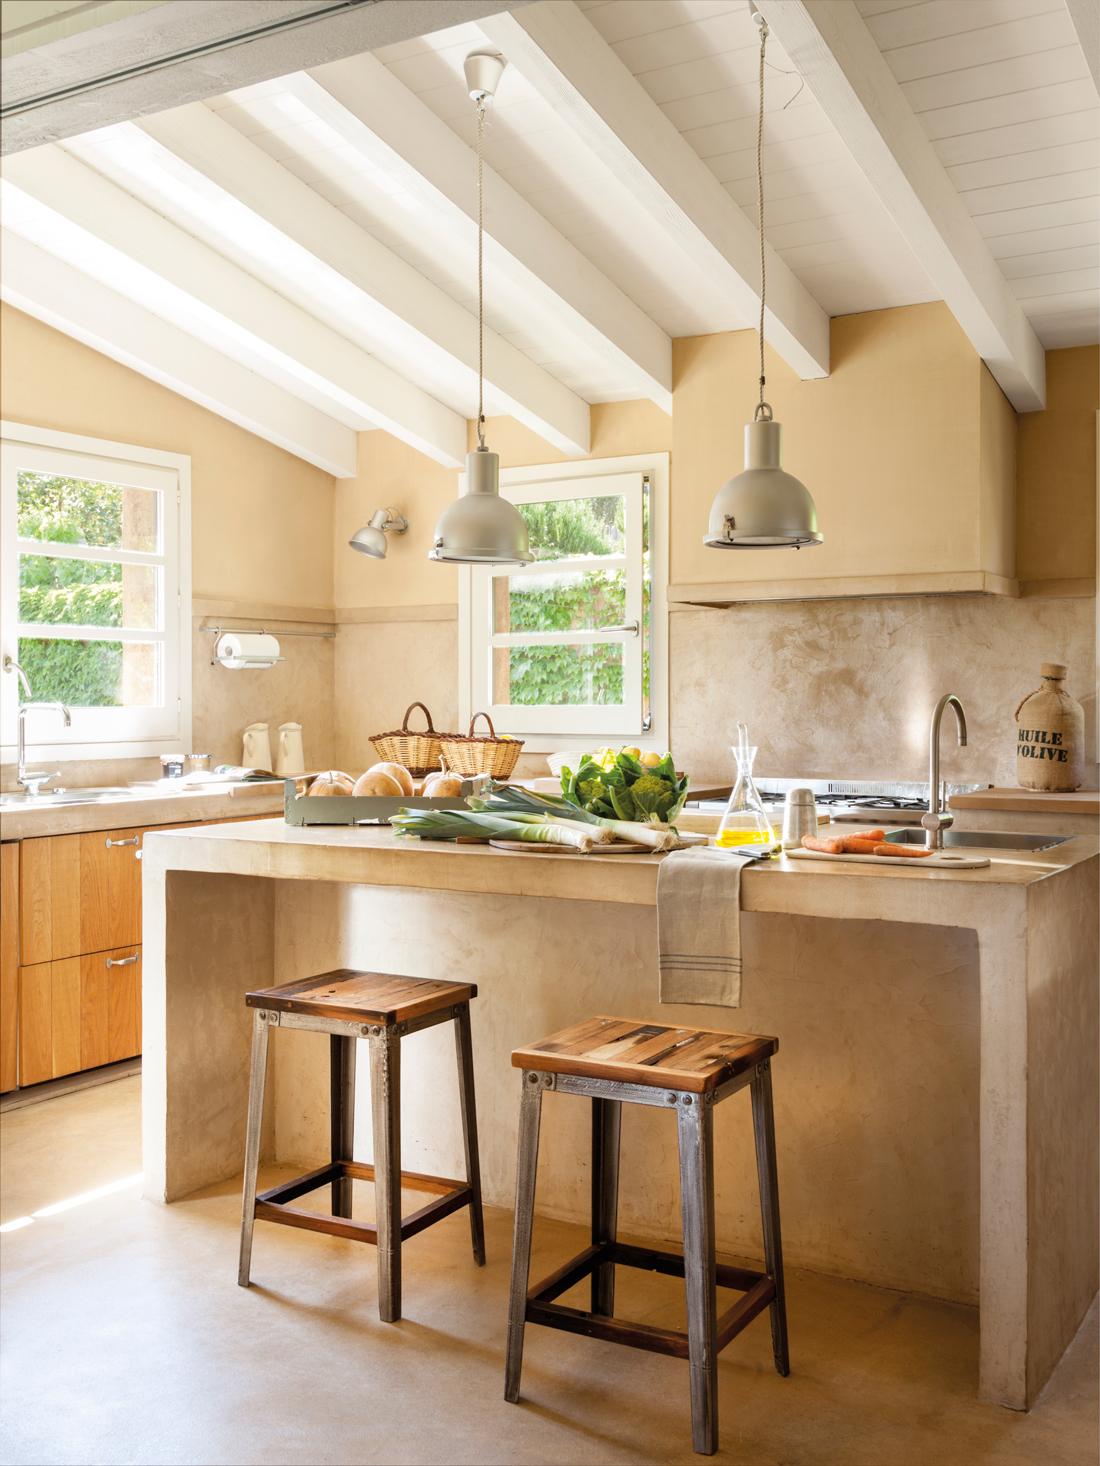 Reformas elige el estilo de tu cocina - Cocinas rusticas de madera ...